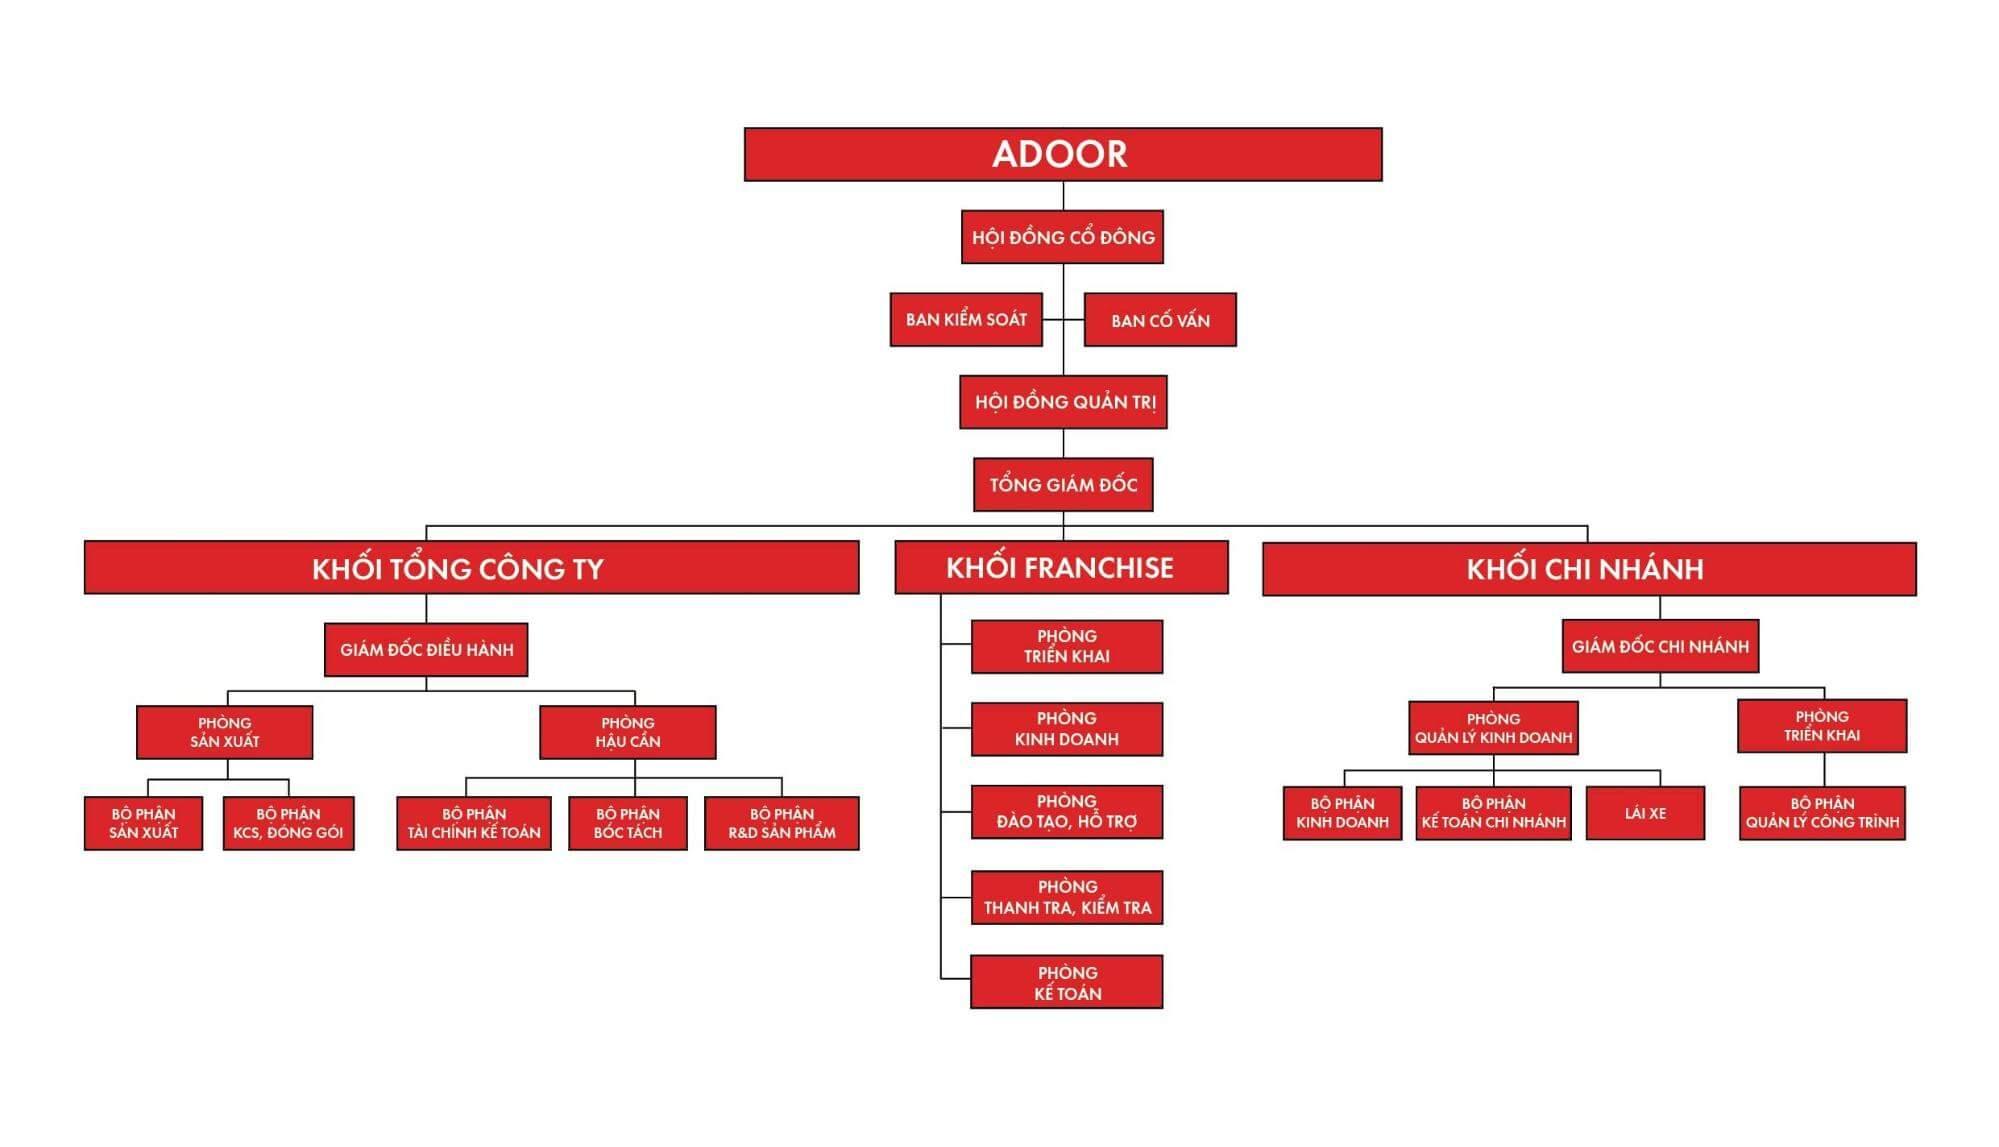 Cơ cấu tổ chức của Adoor rõ ràng và thống nhất